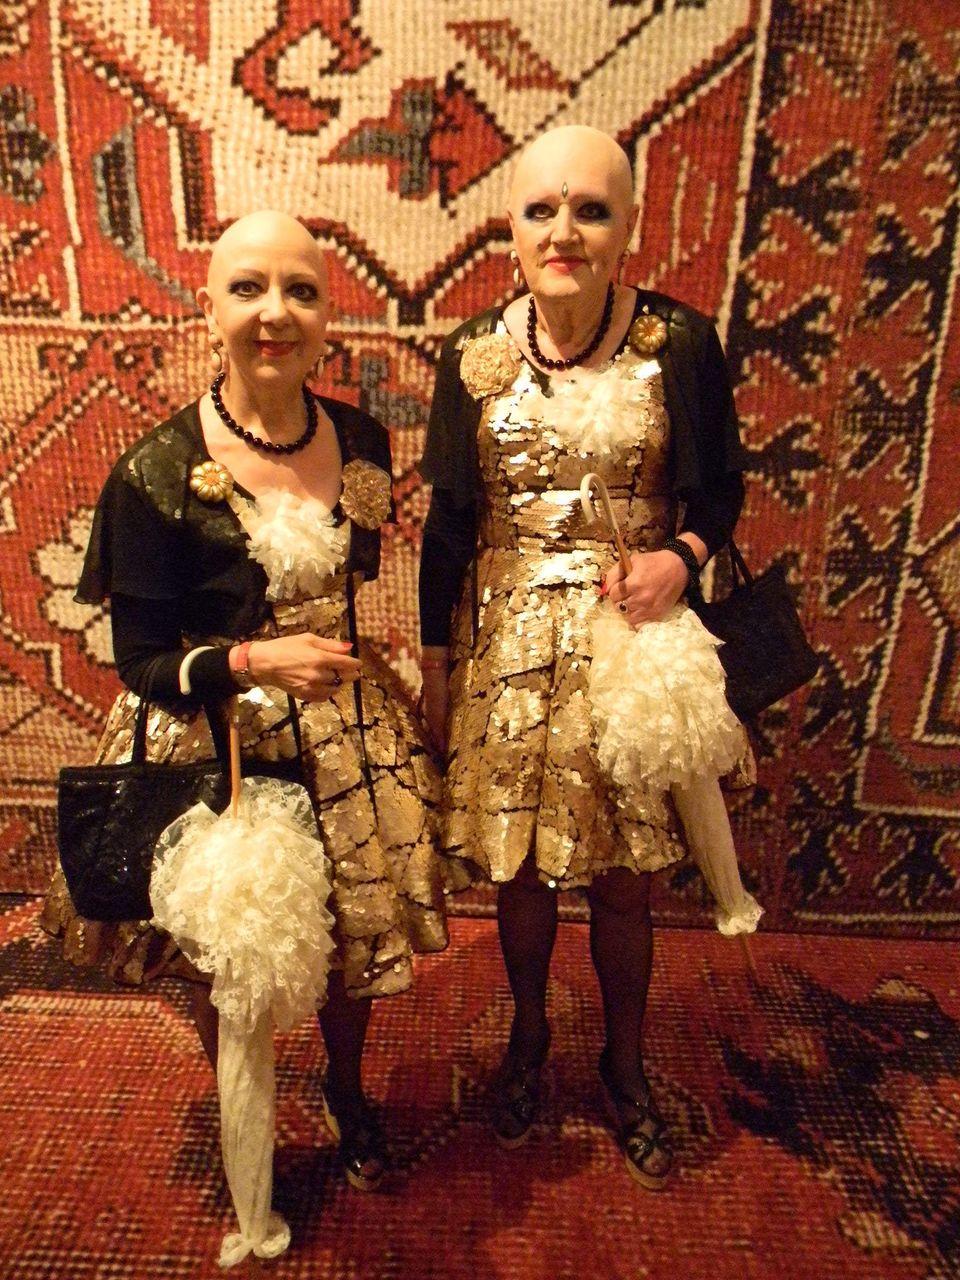 Eva and Adele at at the Palazzo Grassi.